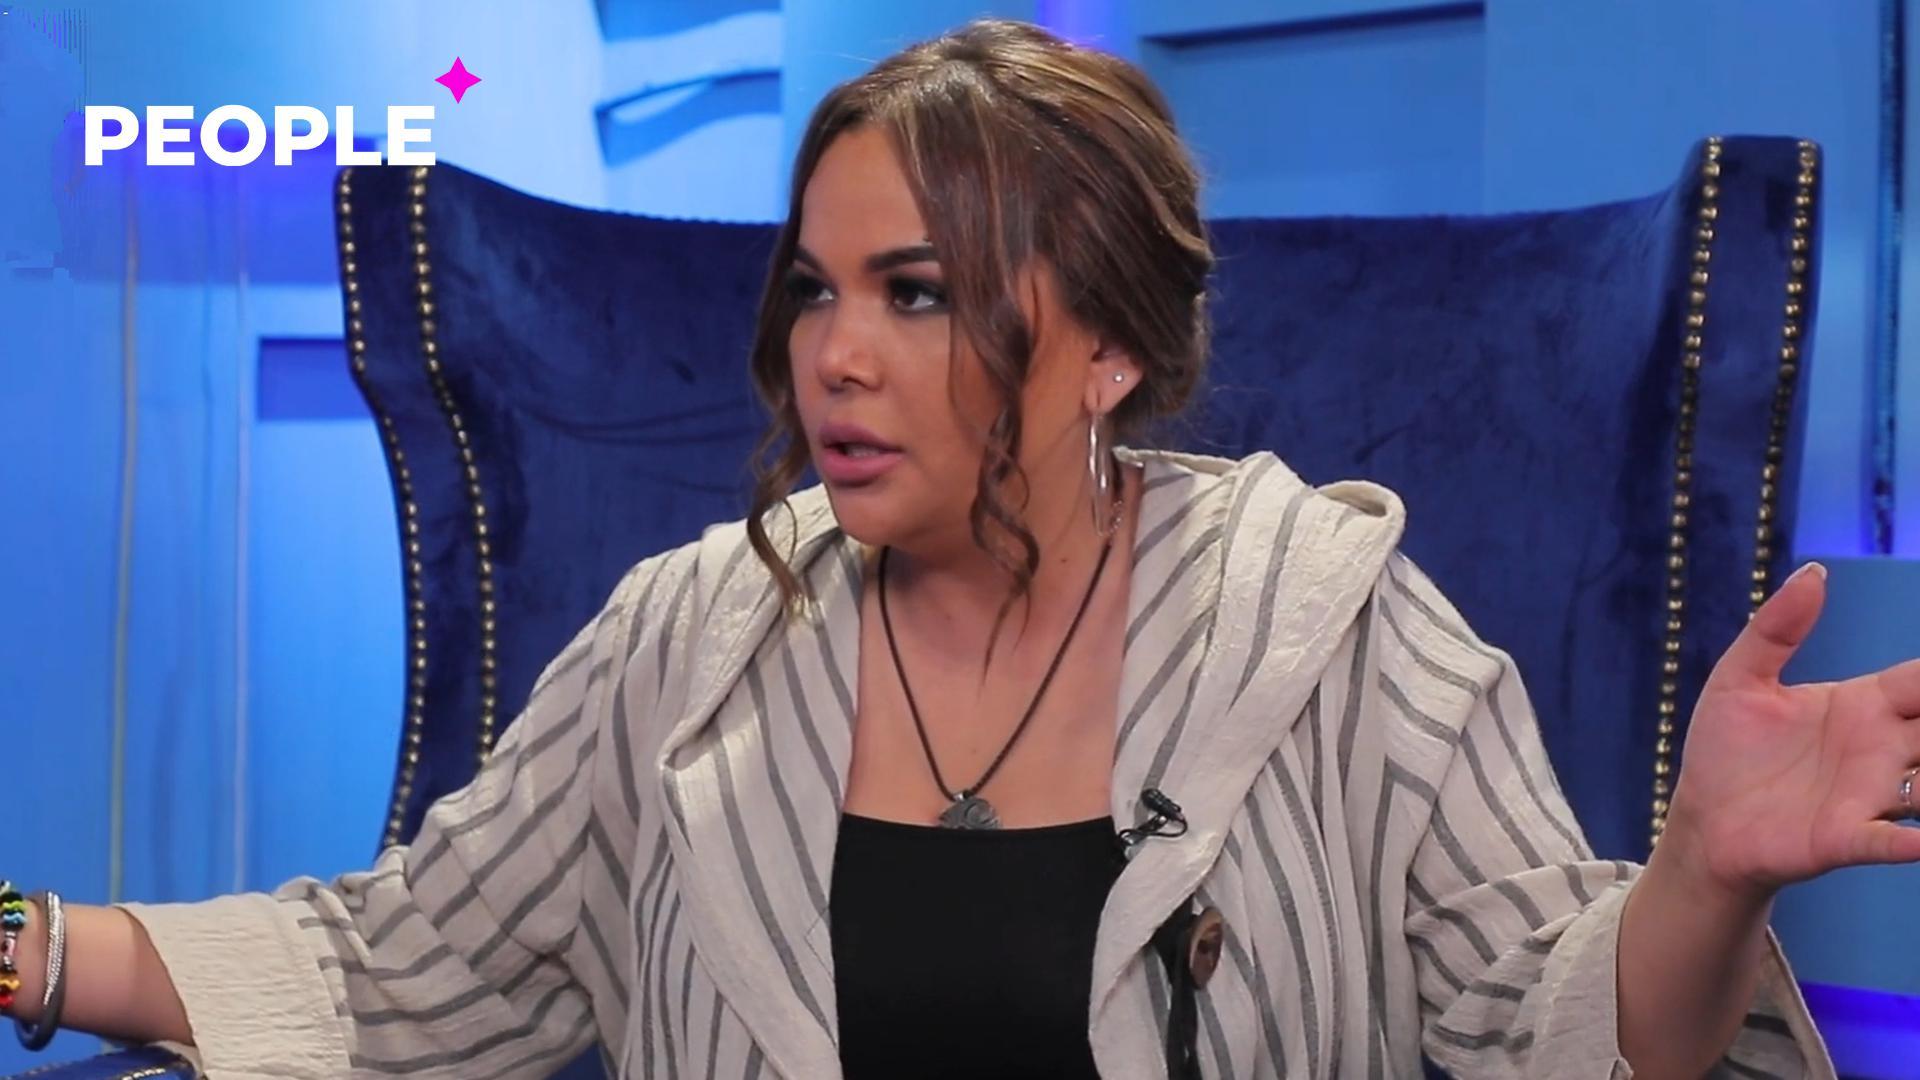 Певица Шоира Отабекова заявила, что получала непристойные предложения от народного артиста Узбекистана — видео